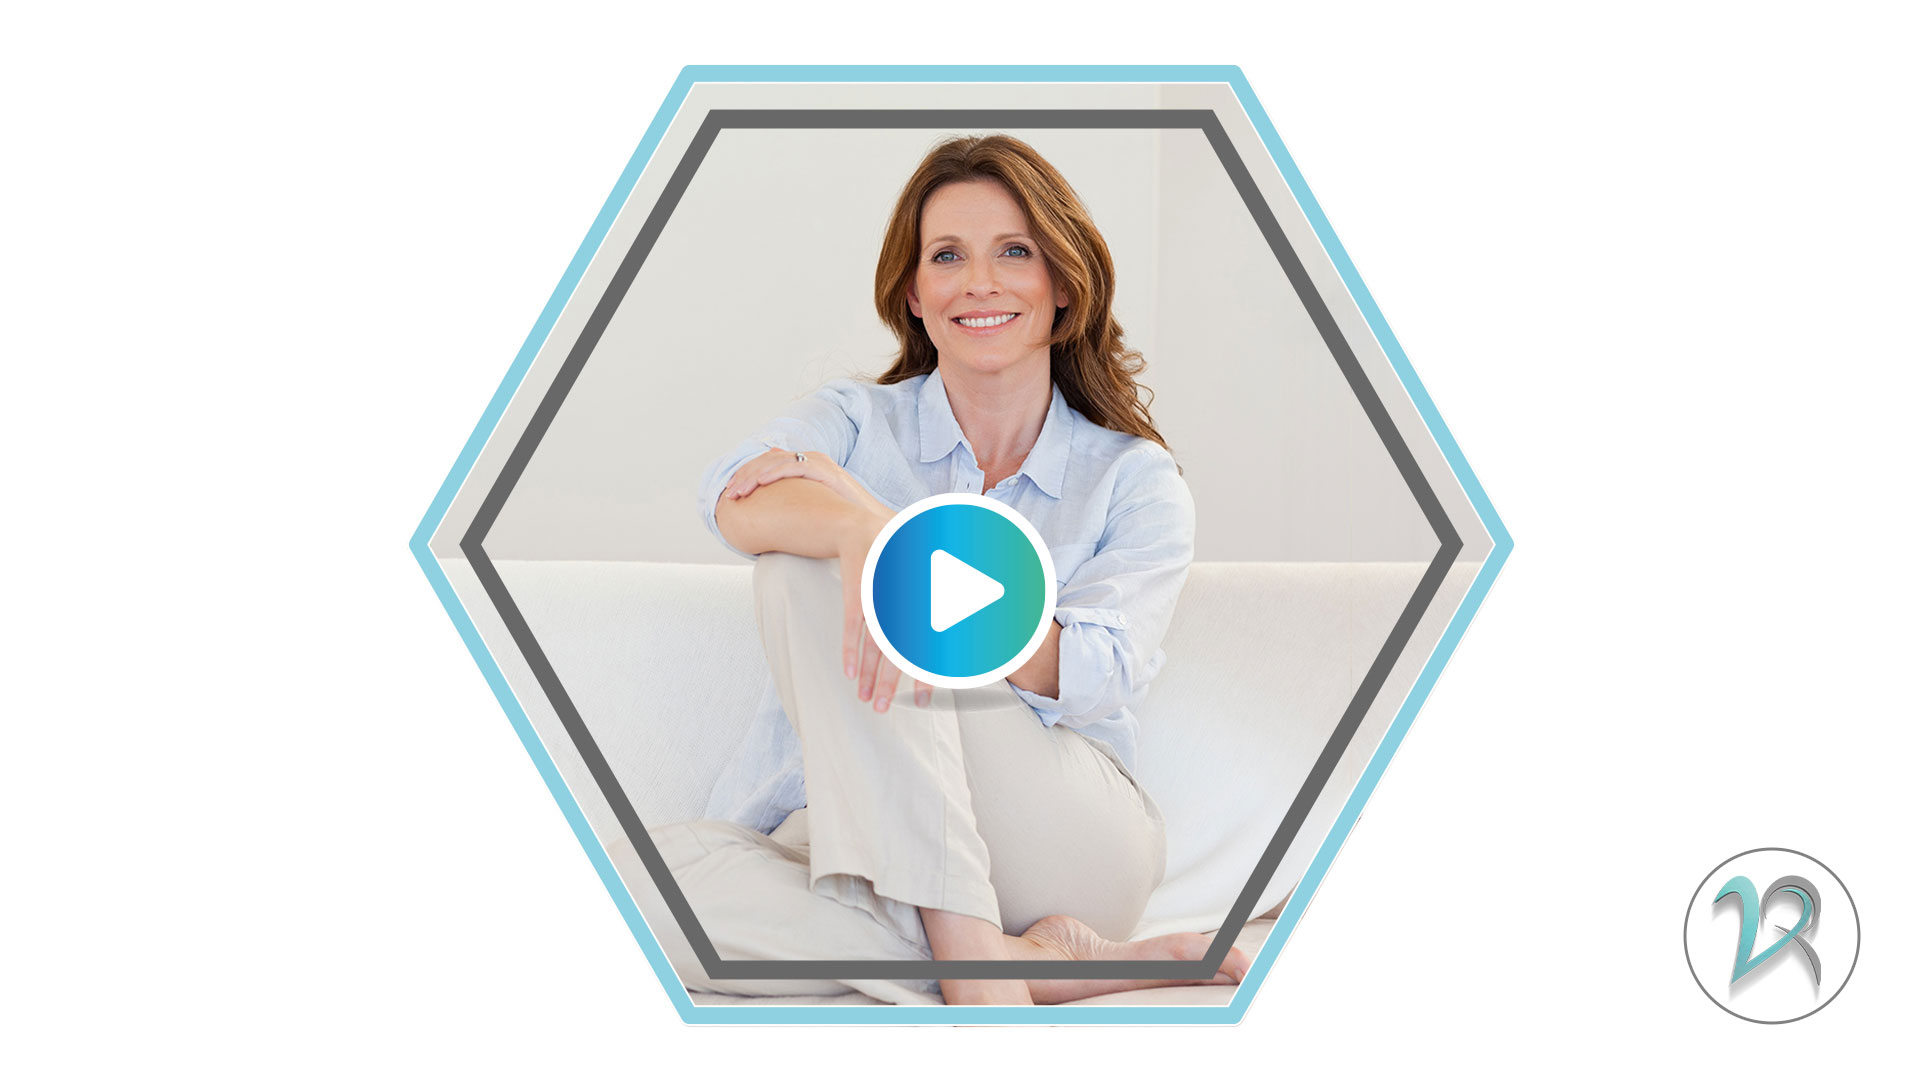 vanessa_videovorlage_button.jpg